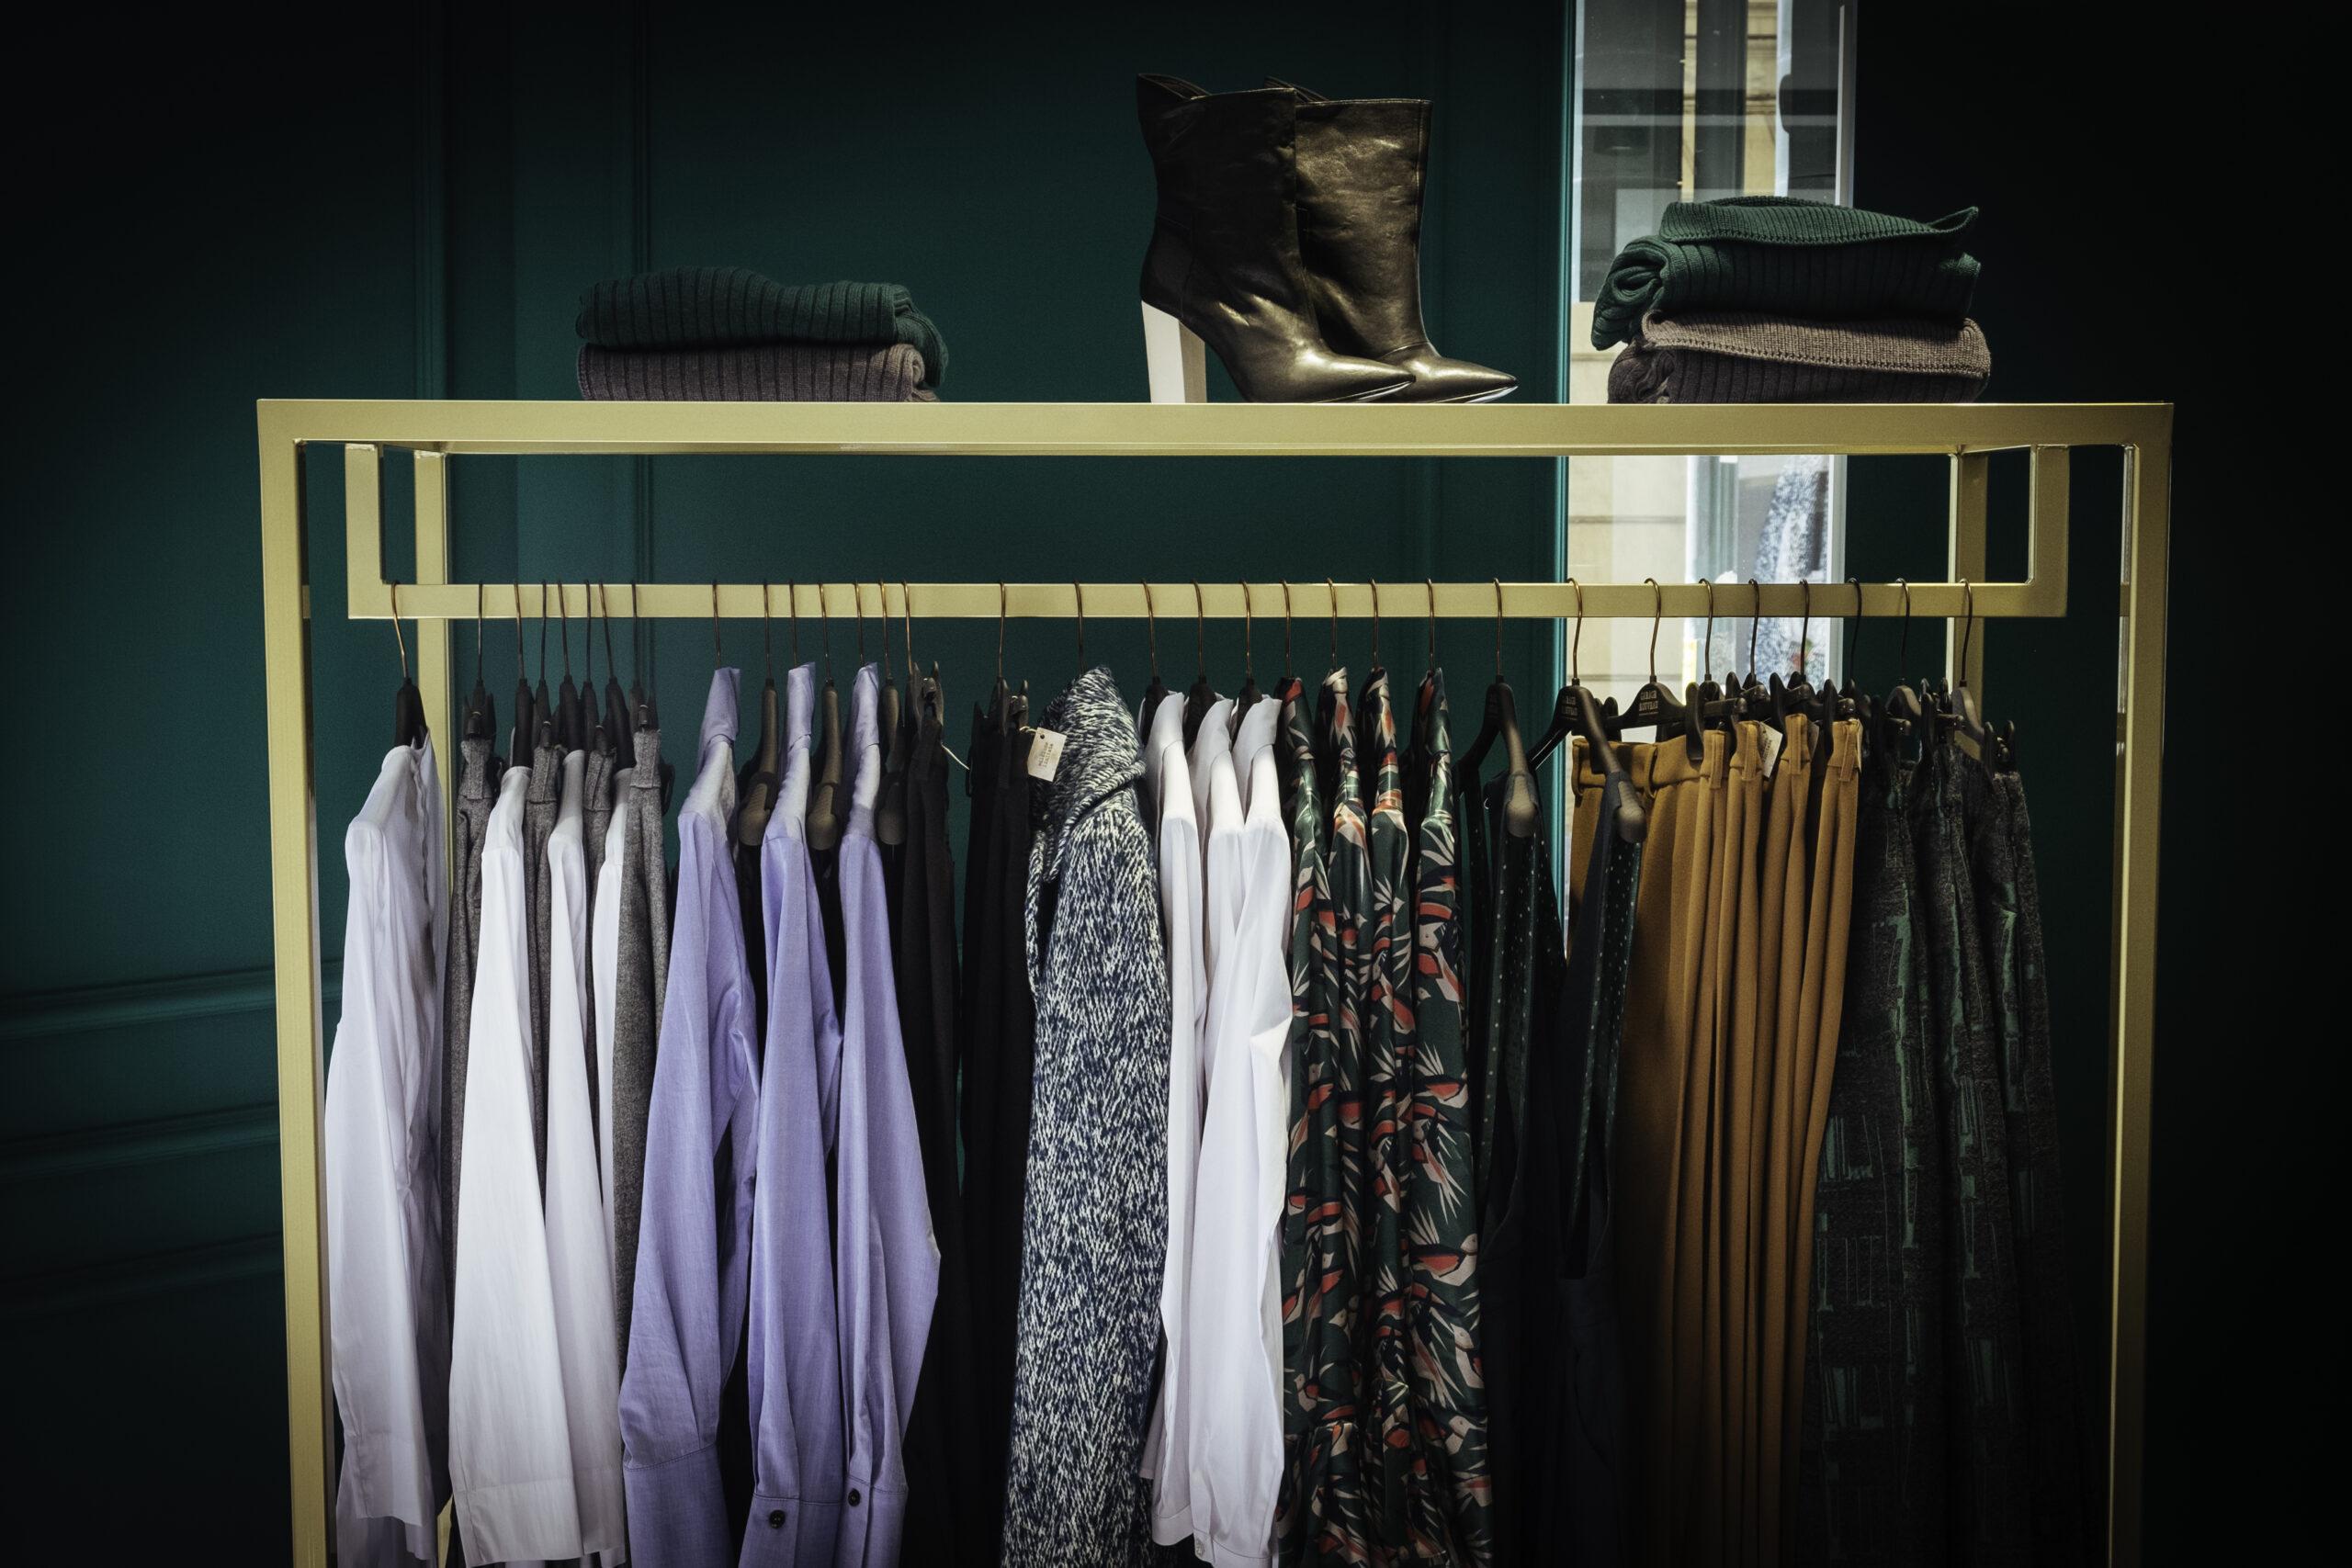 TOFFEE negozio abbigliamento - SANREMO